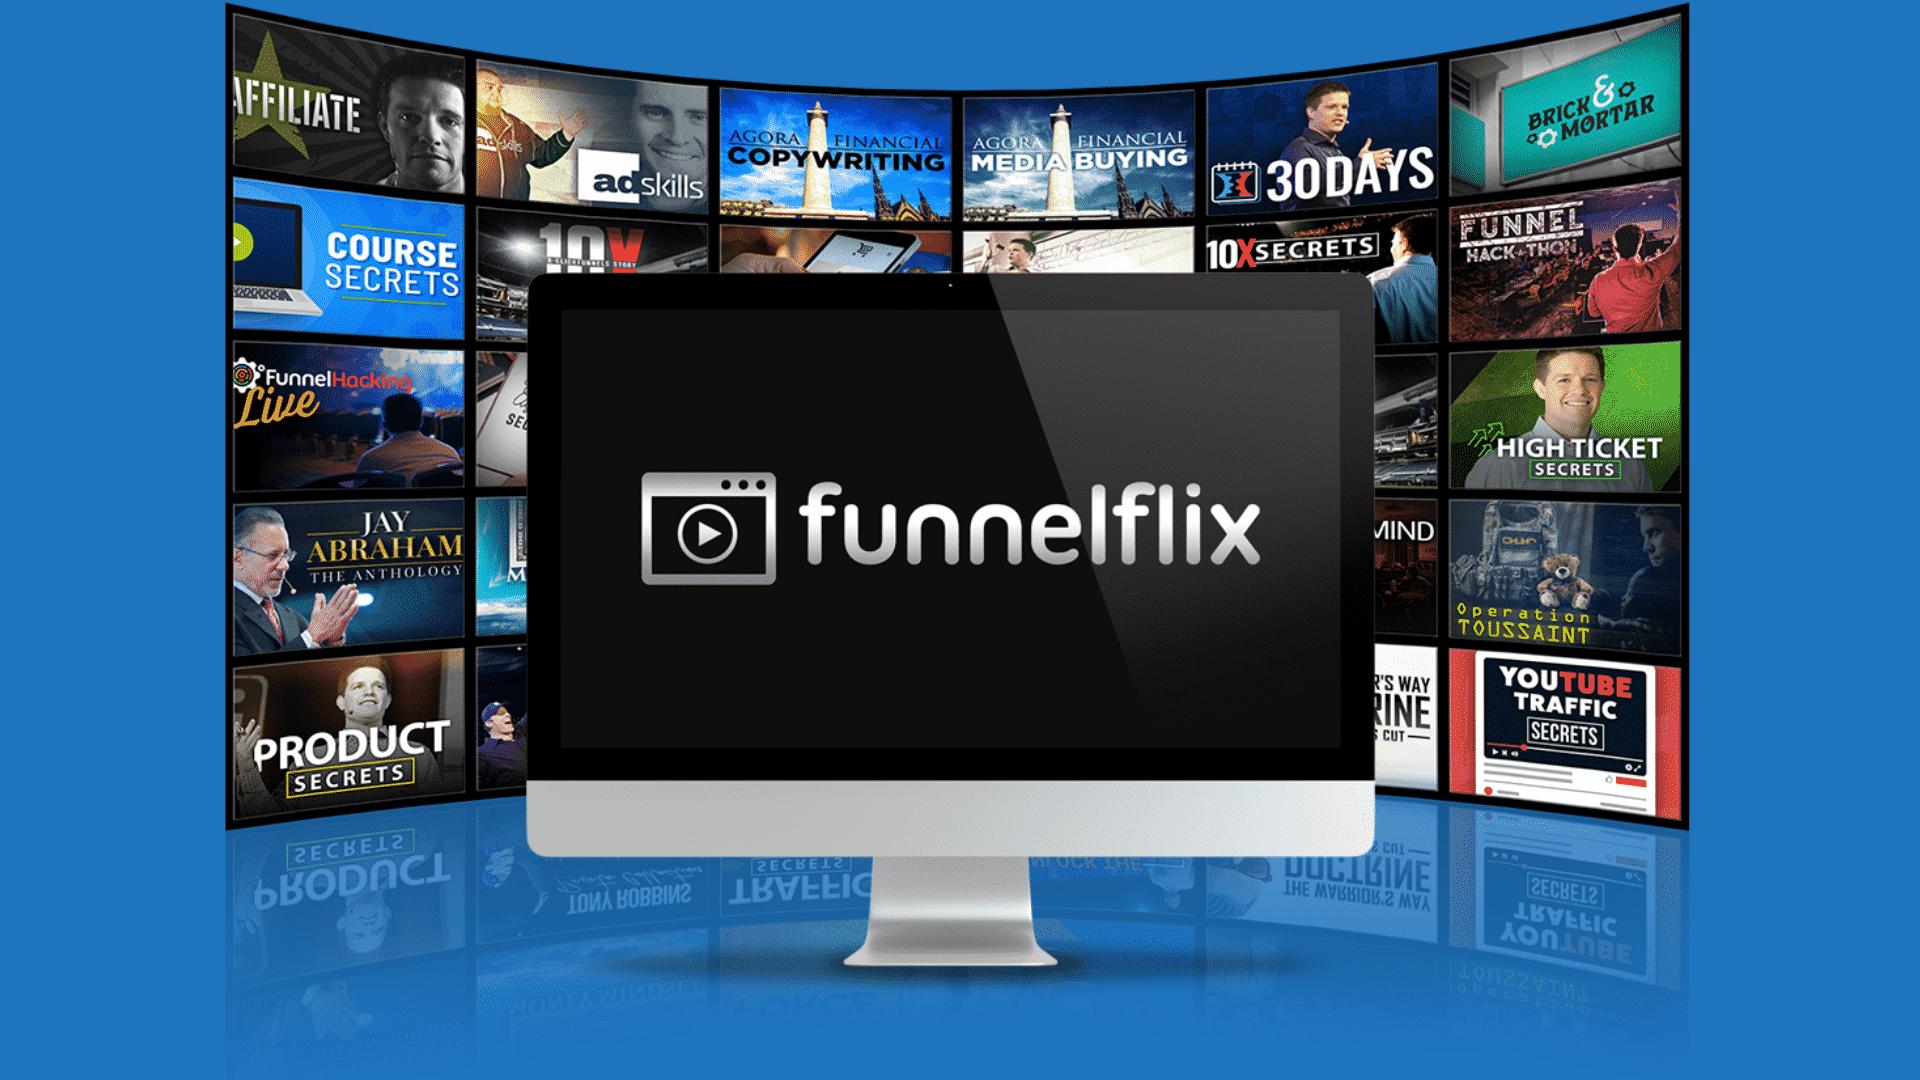 An In-depth Look Inside FunnelFlix